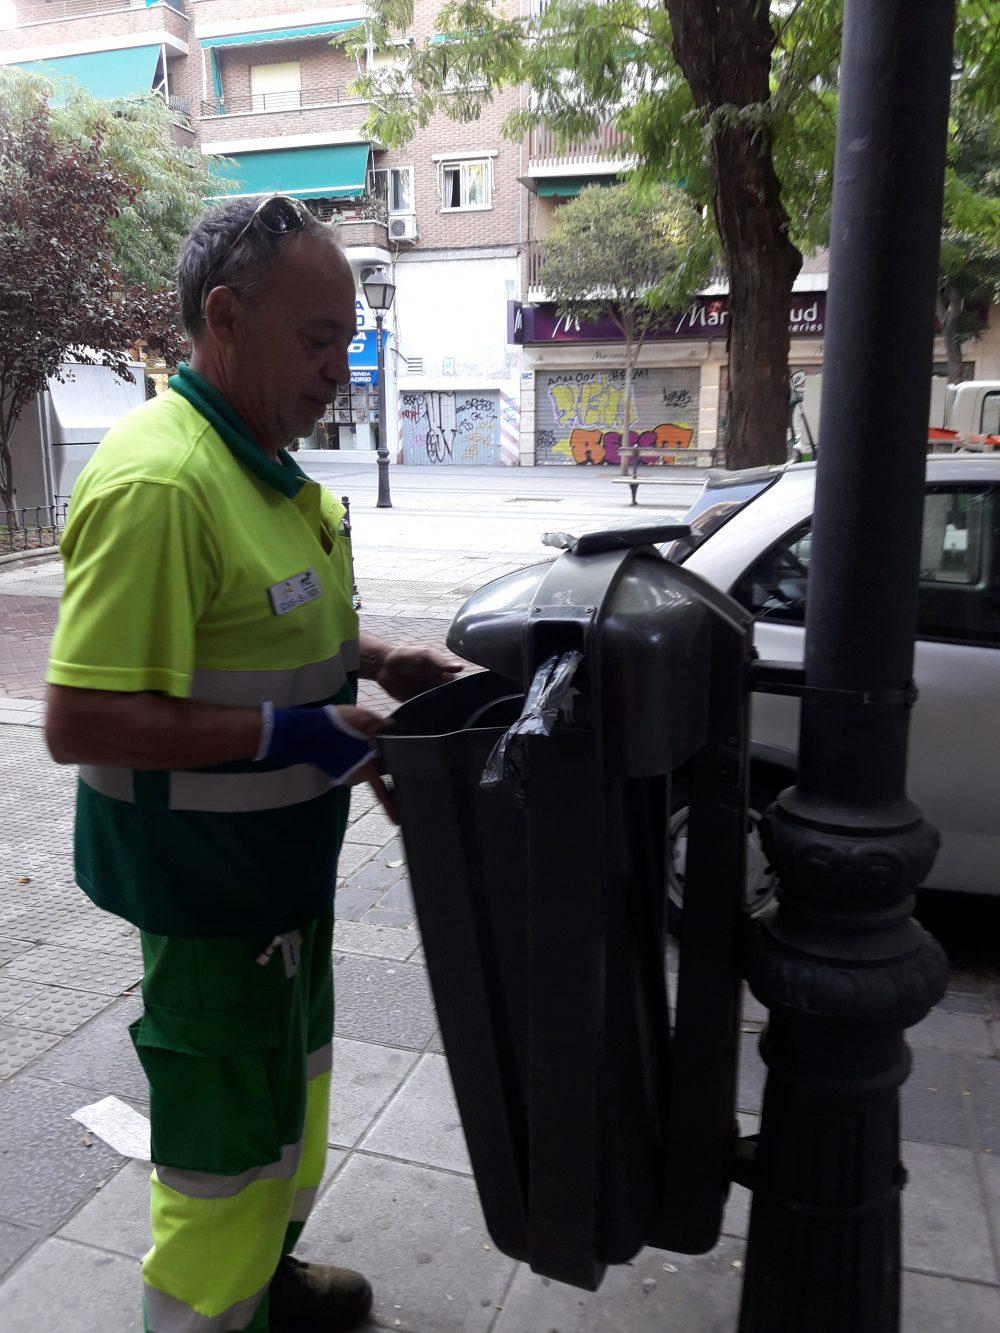 Empleado de limpieza revisando mobiliario urbano